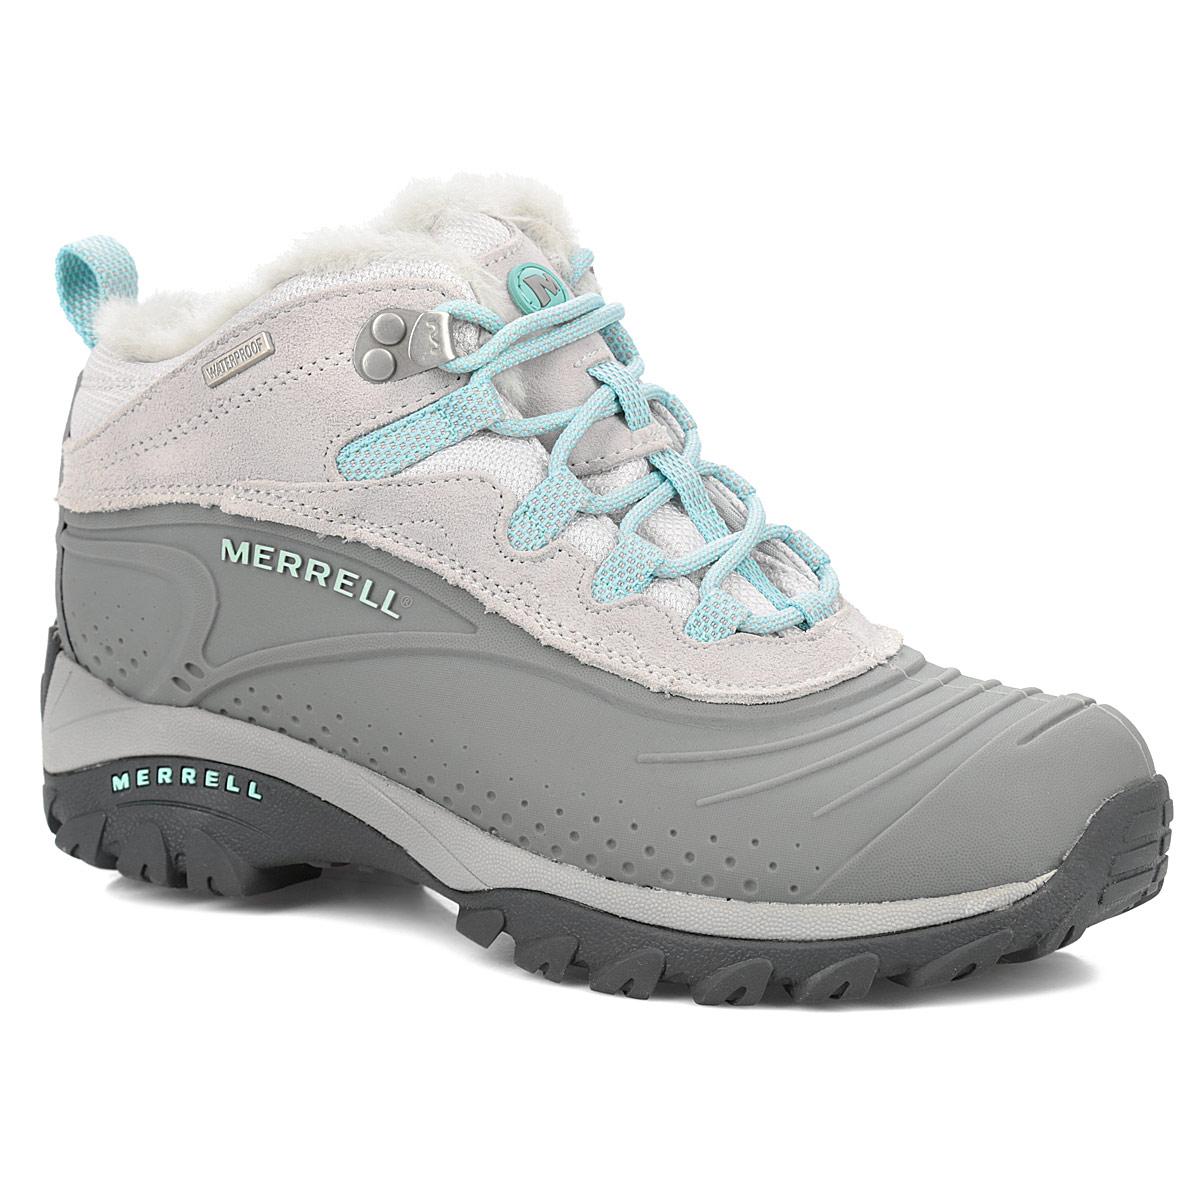 J132947CУдобные трекинговые женские ботинки Storm Trekker 6 от Merrell прекрасно подойдут для активного отдыха в холодное время года. Конструкция Waterproof. Верх модели выполнен из натуральной замши и термополиуретана двойной плотности, который надежно защитит от проникновения влаги. Подкладка Merrell Conductor из мягкого флиса защитит ноги от холода и обеспечит комфорт. Шнуровка надежно фиксирует обувь на ноге. Вшитый язычок защищает стопу от попадания щебня внутрь ботинка. Утеплитель Merrell Opti-Warm 200 сохранит ваши ноги в тепле на длительный период. Ботинки оформлены вставками из текстиля, прострочкой контрастного цвета, сбоку - рельефной надписью в виде названия бренда, на язычке - логотипом Merrell. Промежуточная подошва выполнена из ЭВА с Air Cushion - гибкого, легкого материала, обладающего отличной амортизацией, который стабилизирует и защищает от ударов стопу. Подошва Artic Chill из резины с рельефным протектором обеспечивает отличное сцепление на любой поверхности. ...